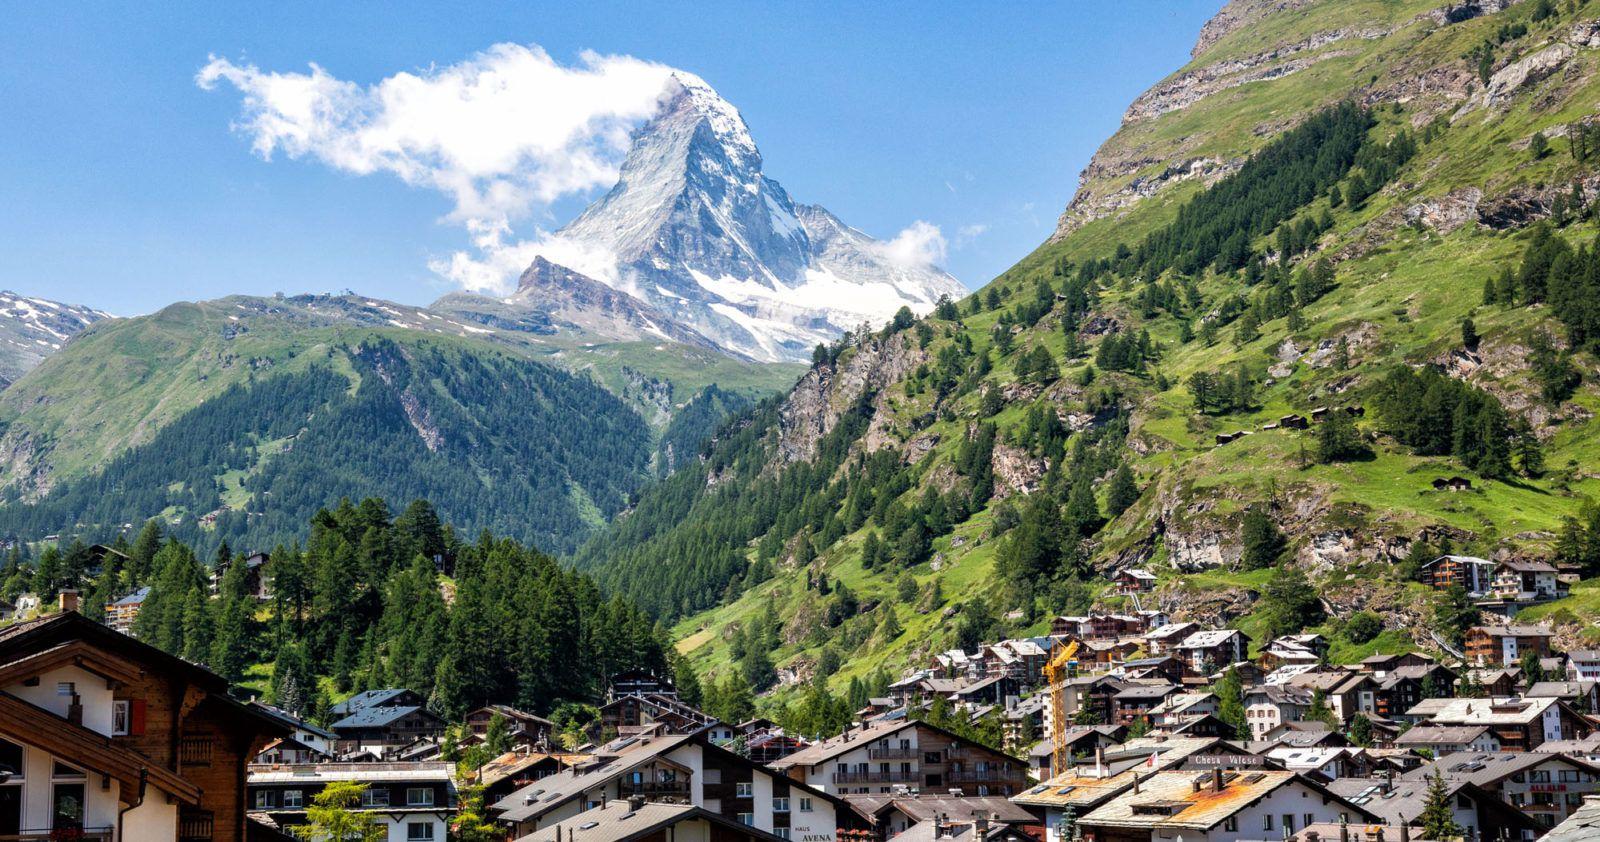 Things to do in Zermatt